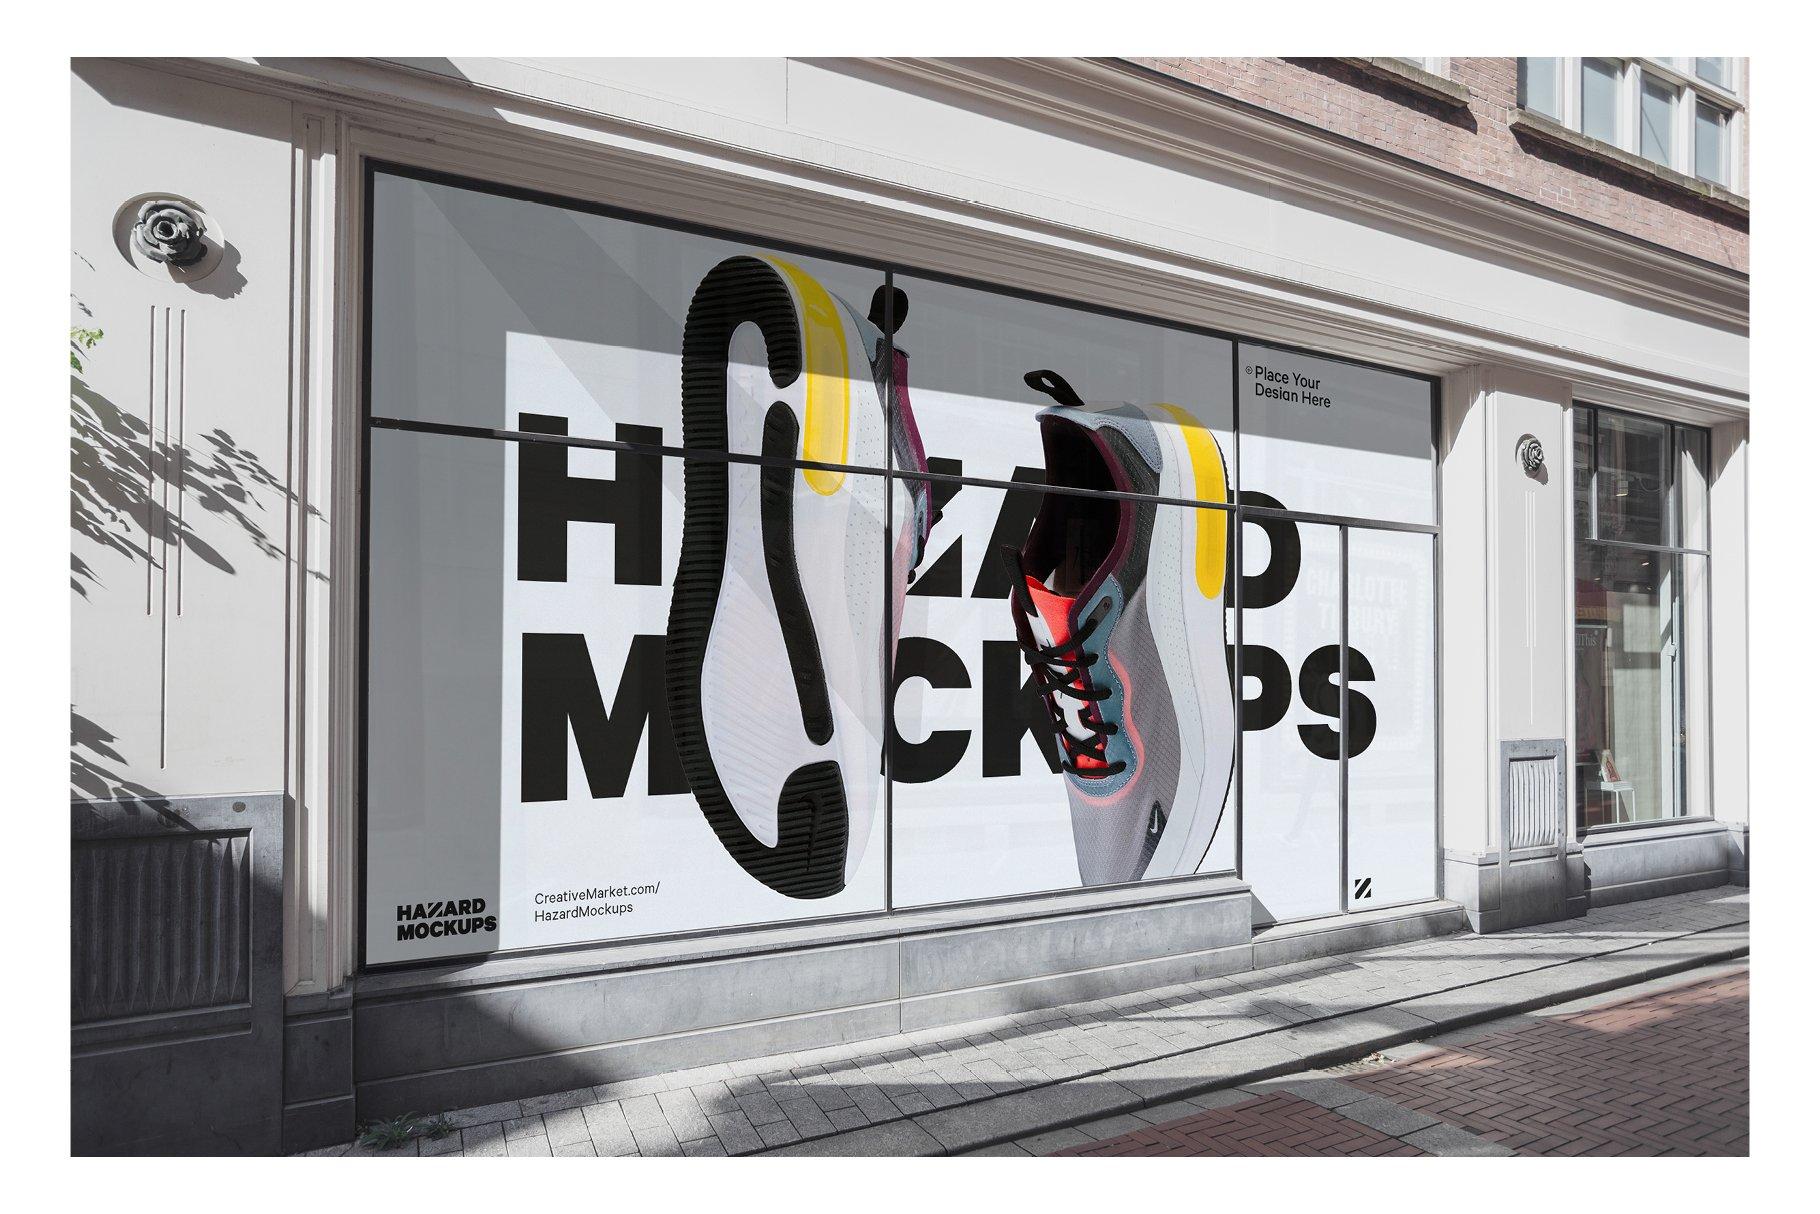 时尚街头店铺外里面橱窗玻璃贴纸广告海报设计展示样机 Shop Facade Mockup Bundle插图8